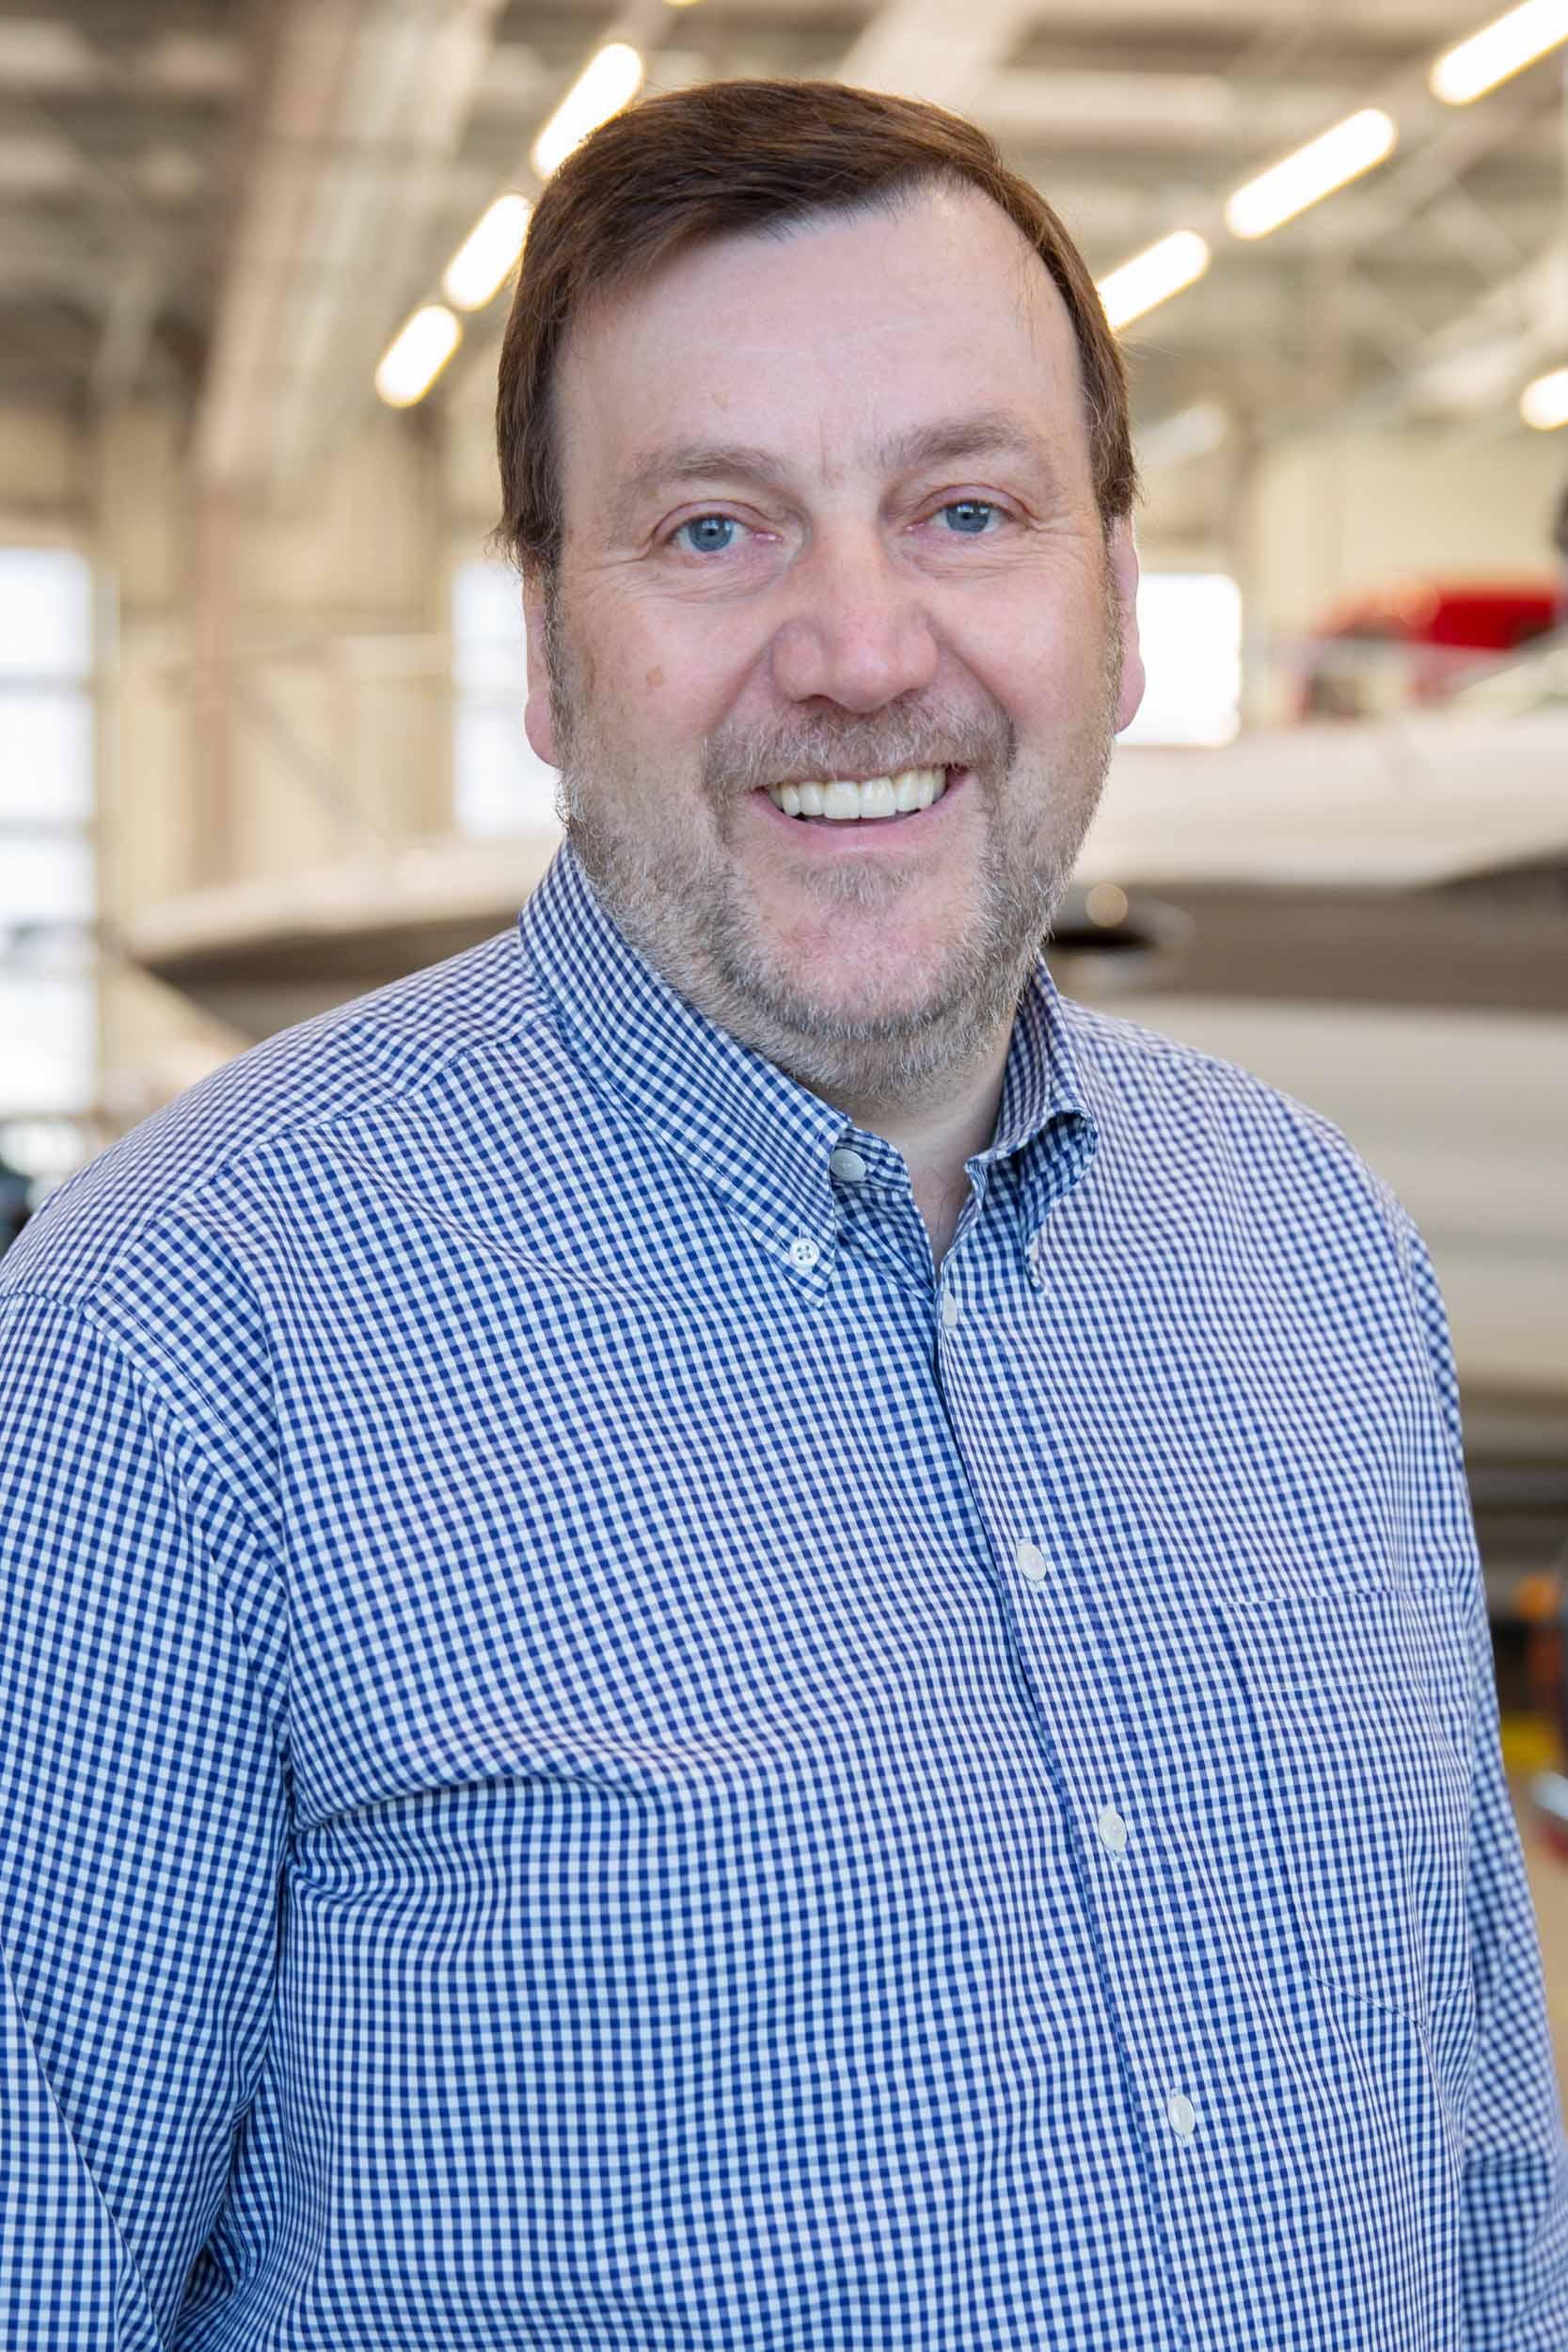 Dirk Lehmann | Management  dle@ecap-mobility.com